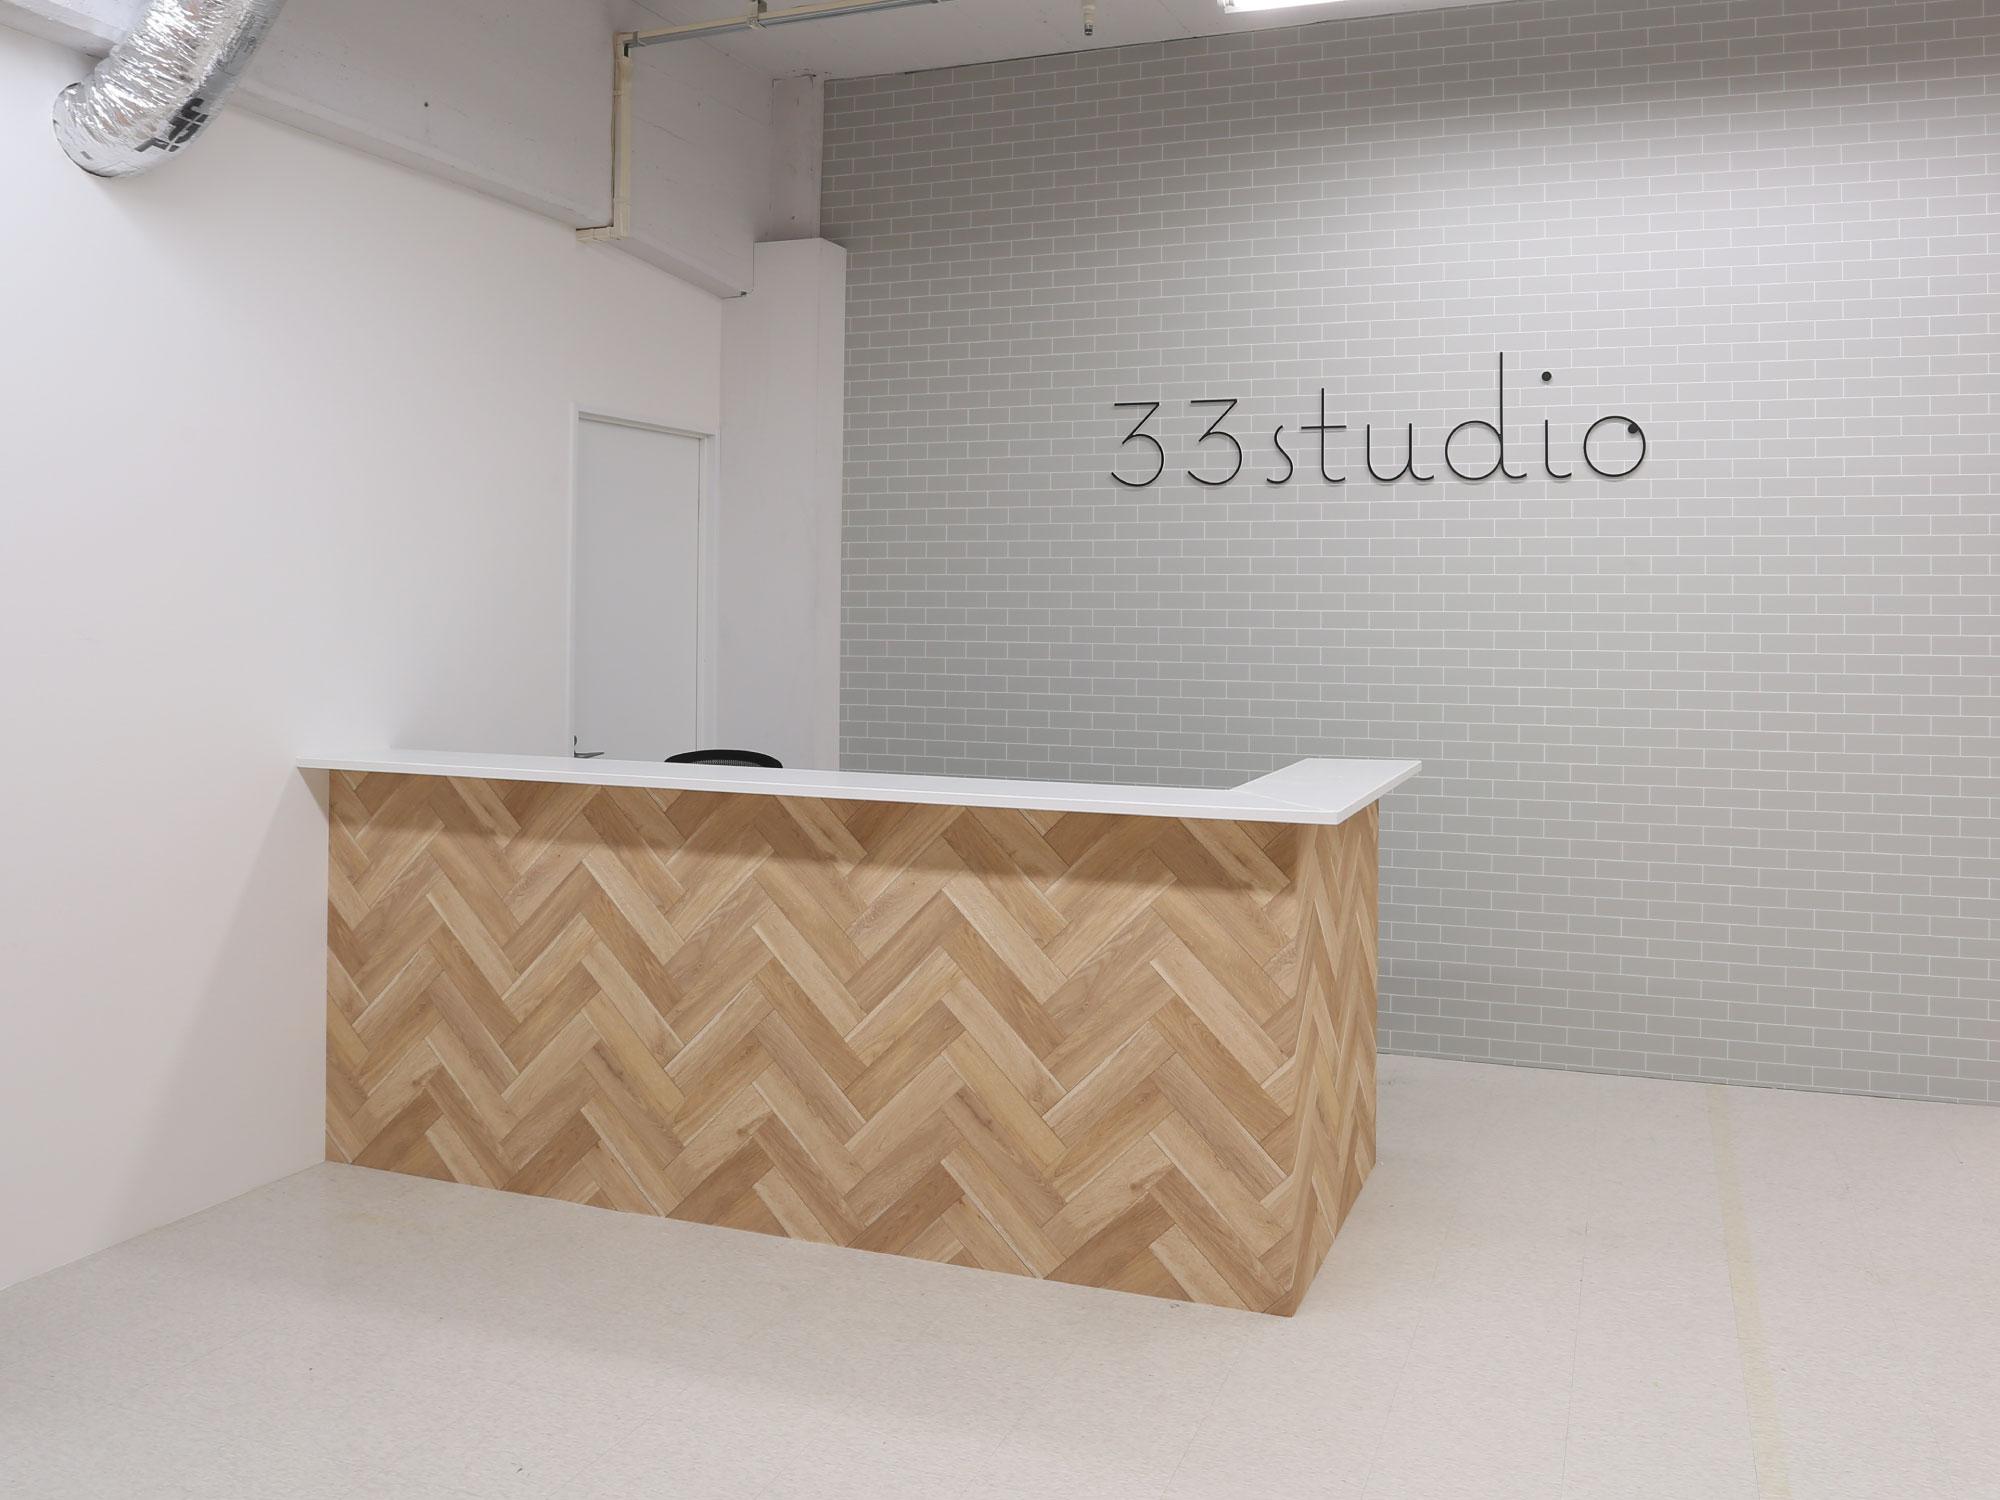 33studio